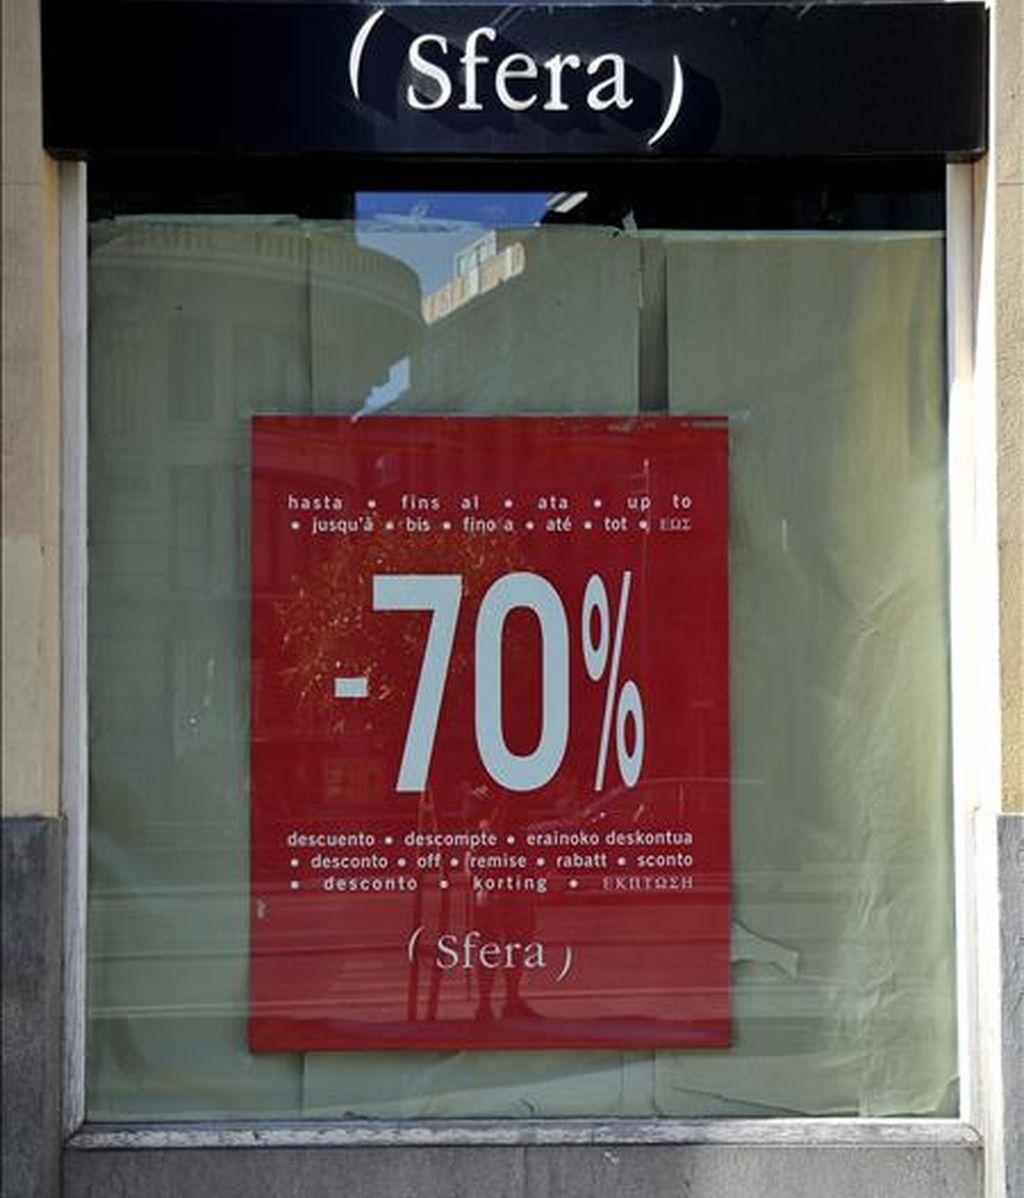 Detalle de un escaparate de la tienda de ropa de la marca Sfera con cartel de gran descuento de rebajas, en la madrileña calle Preciados. EFE/Archivo